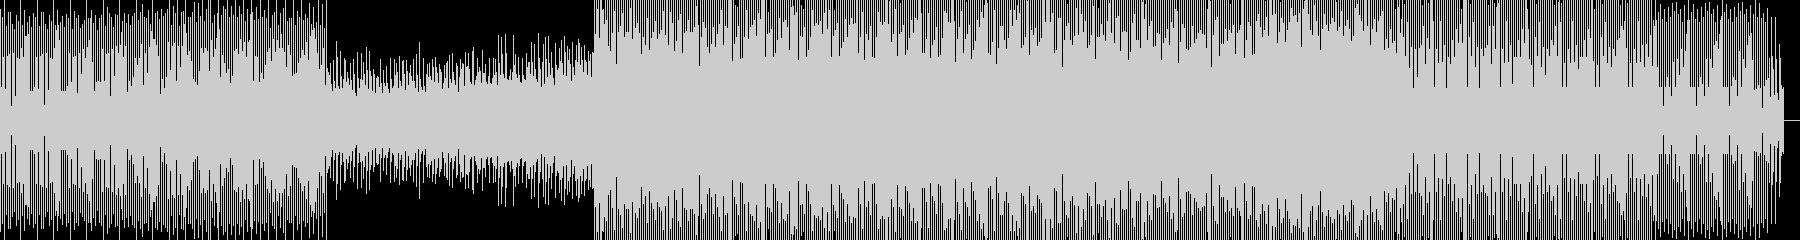 ファンキーなクラブ/ダンス/エレク...の未再生の波形